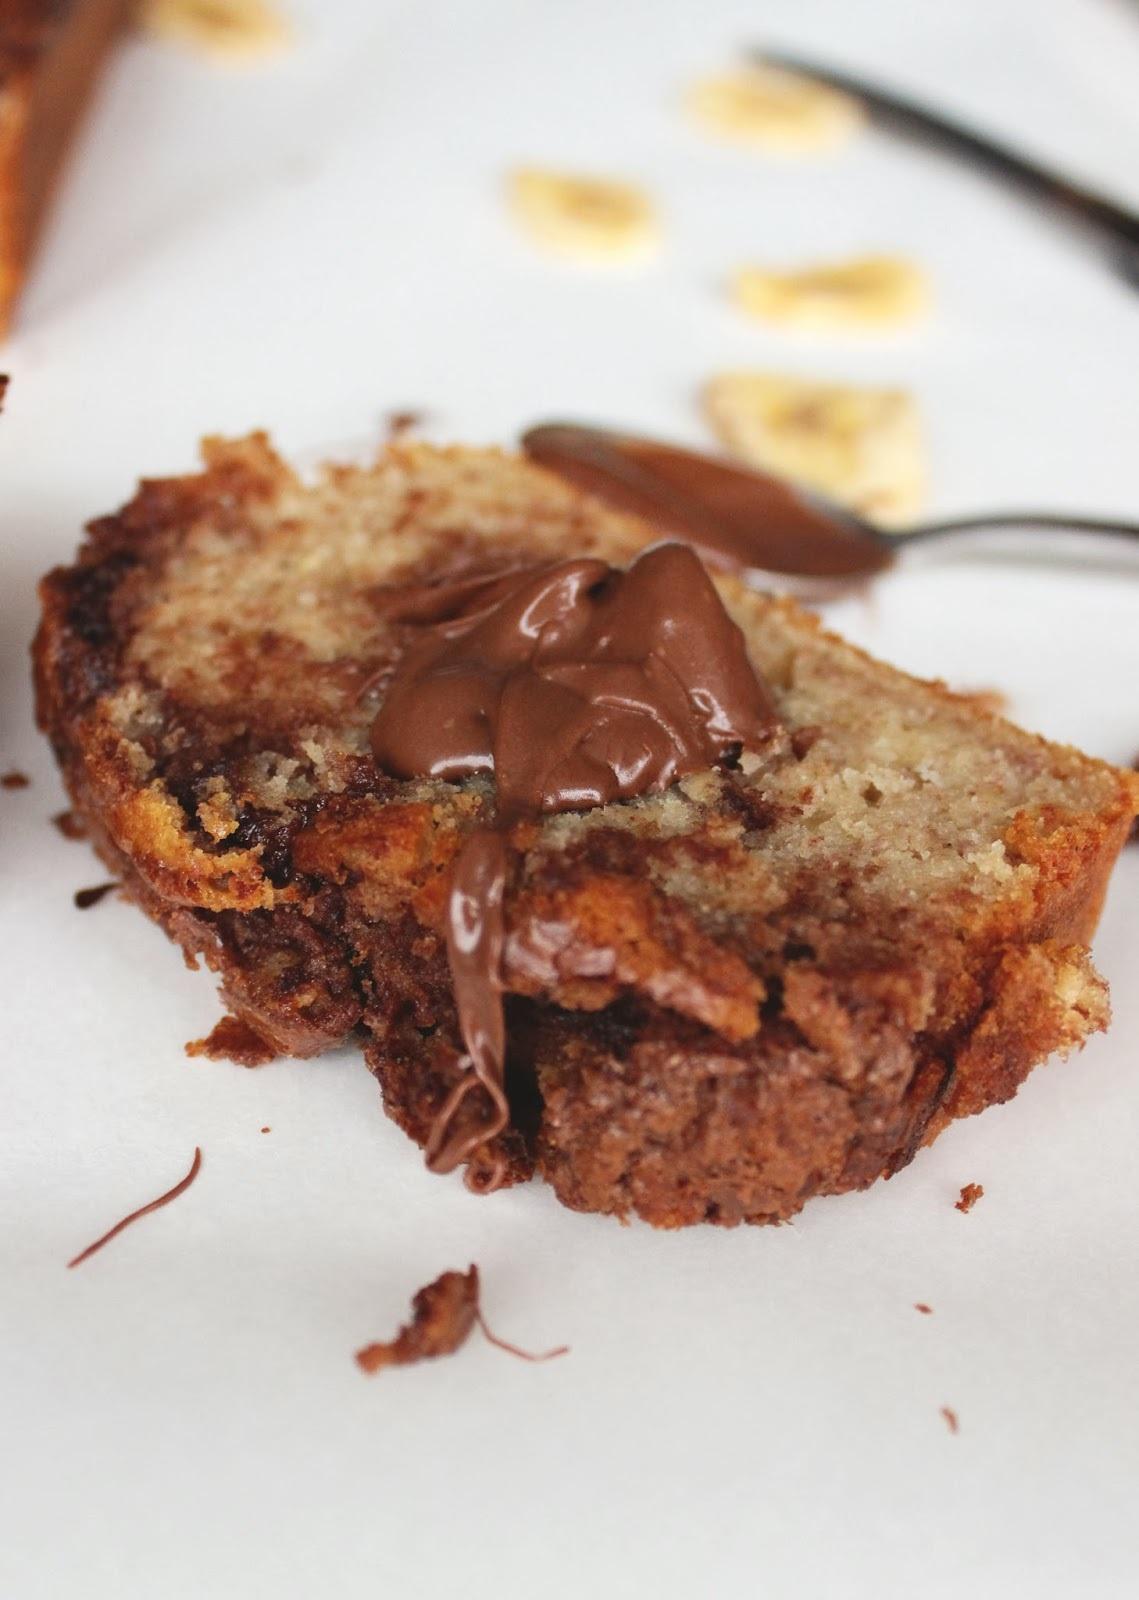 Slatki kruh od banane i nutelle / Banana Nutella Bread